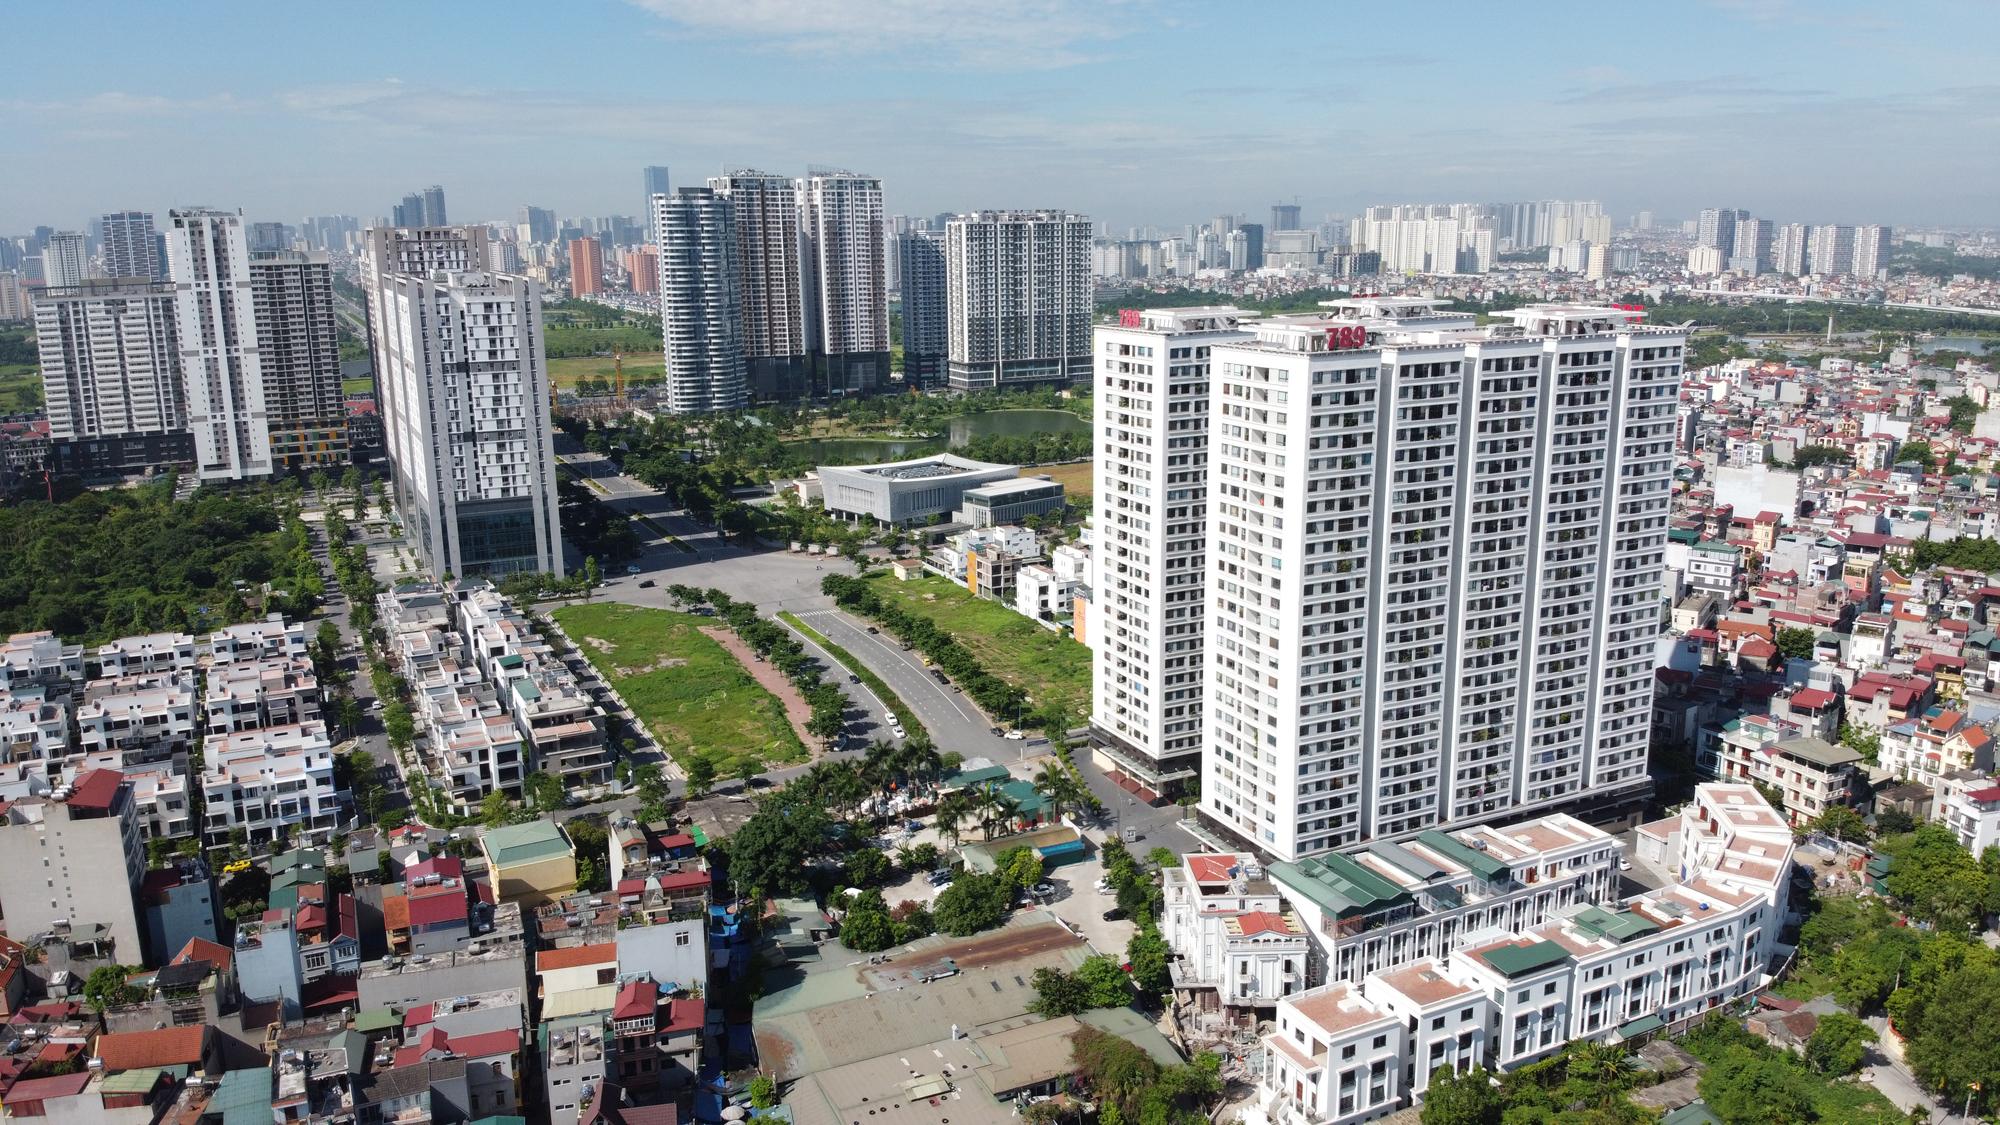 Cầu vượt nút giao Hoàng Quốc Việt - Nguyễn Văn Huyên sắp thông xe, ba khu đô thị lớn hưởng lợi - Ảnh 11.